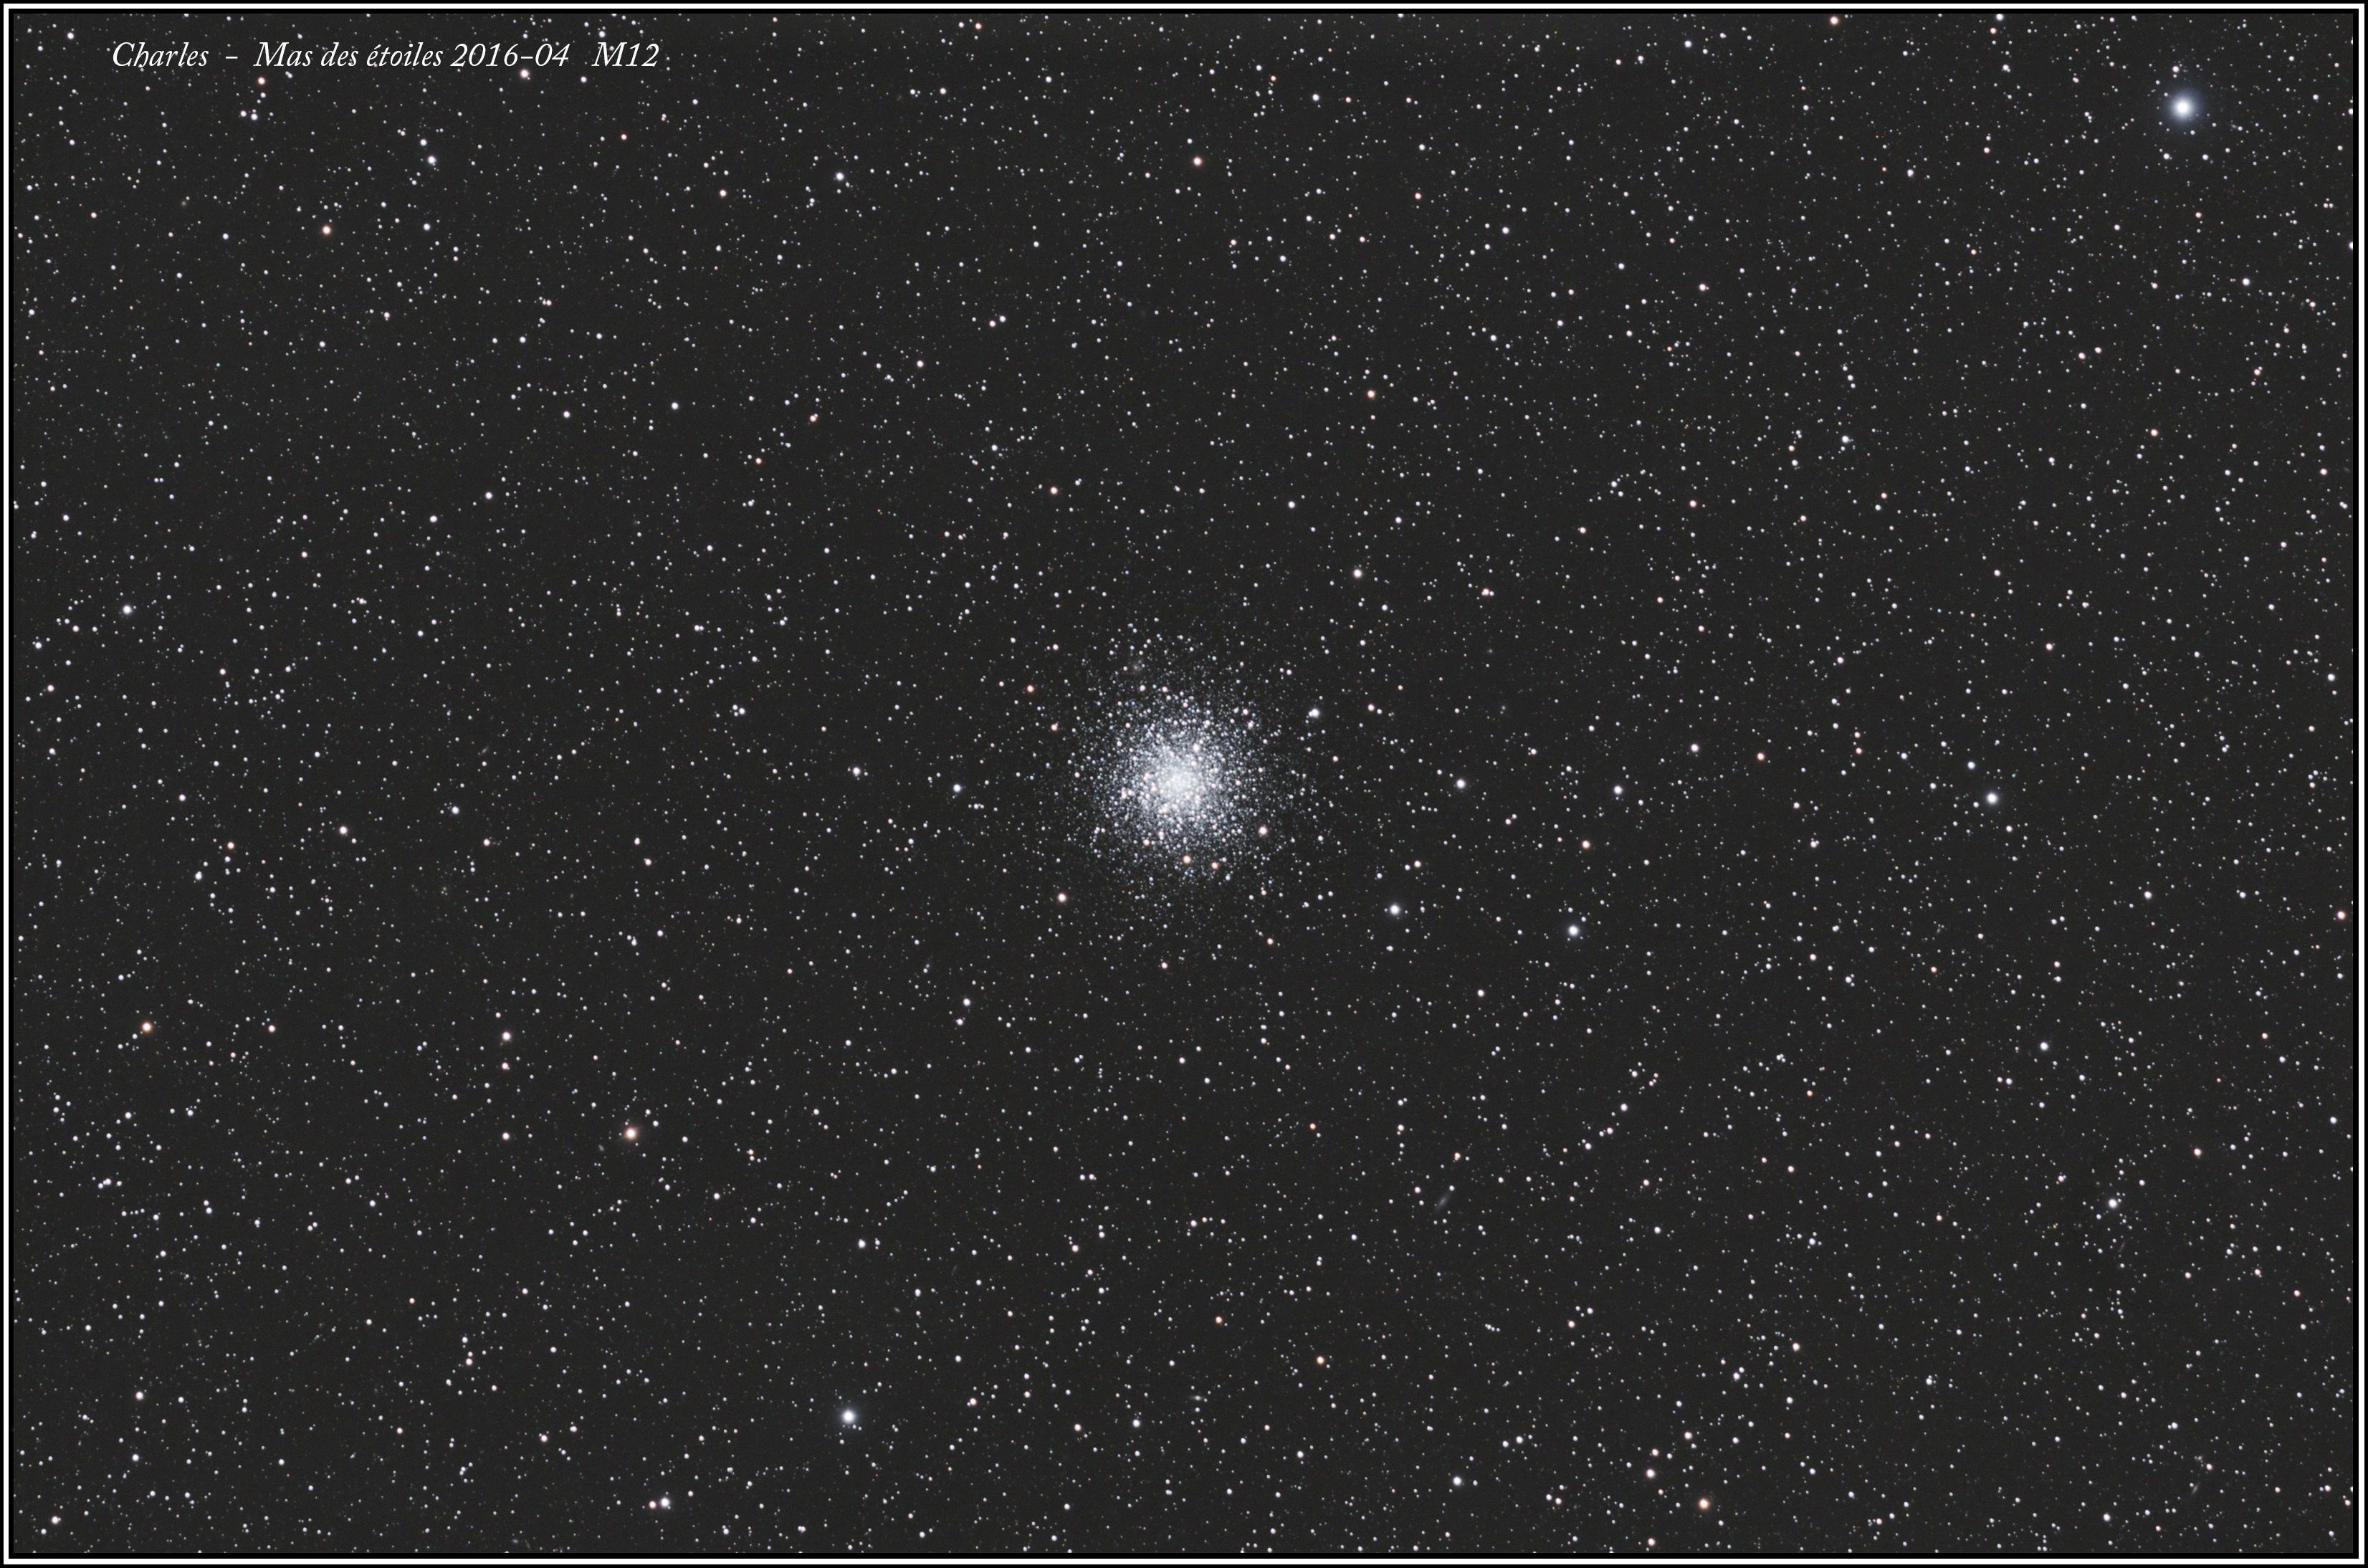 Images d'avril M12 et M106&Co M12